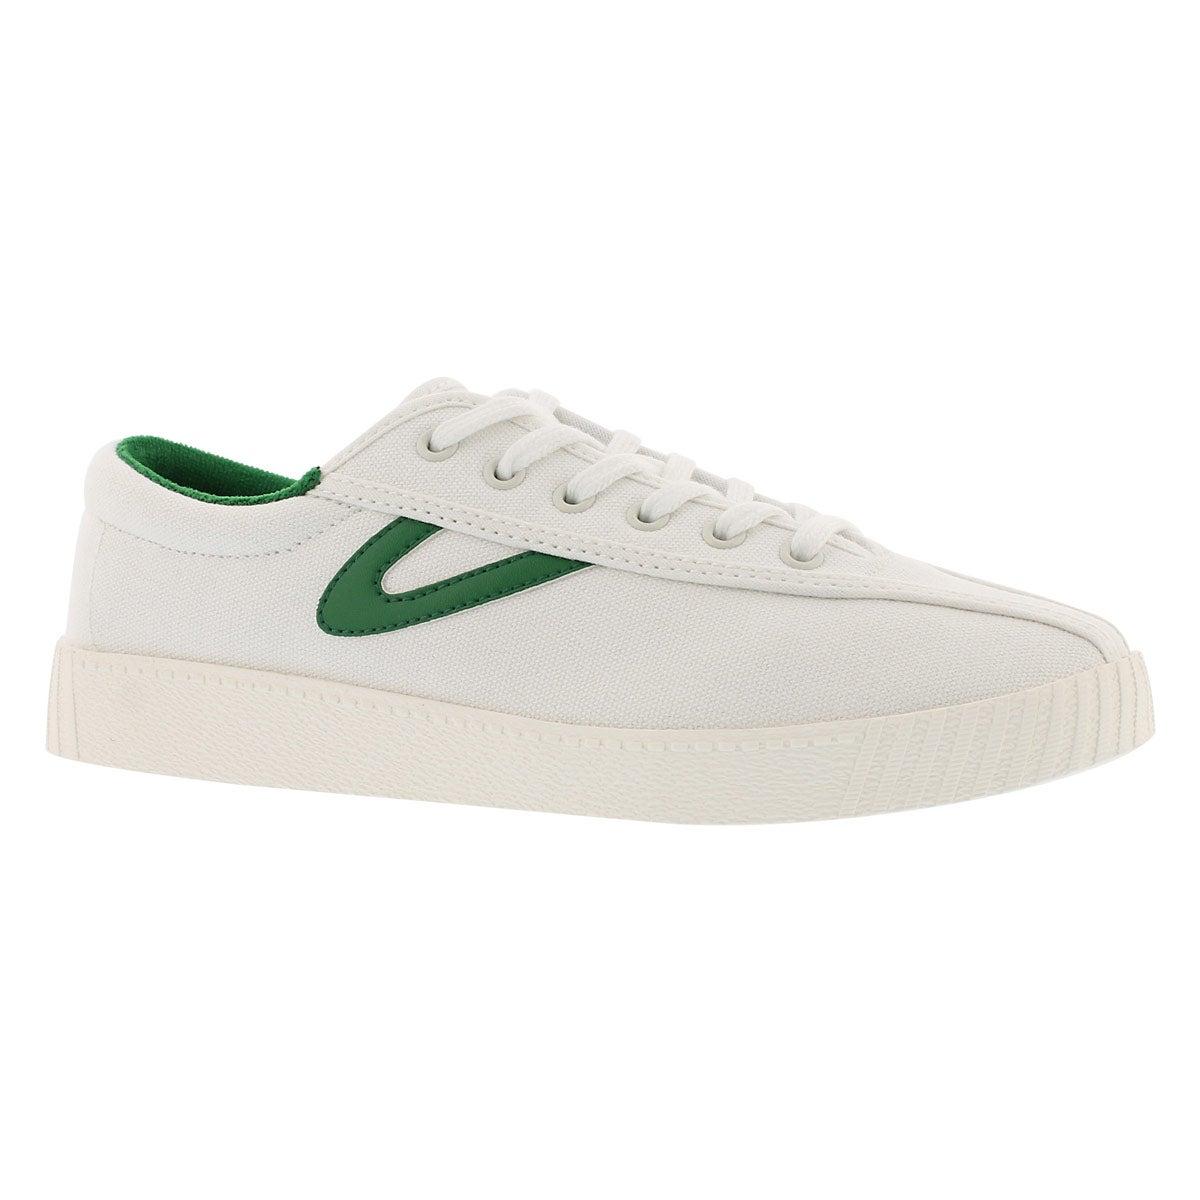 Women's NYLITE PLUS white/green sneakers